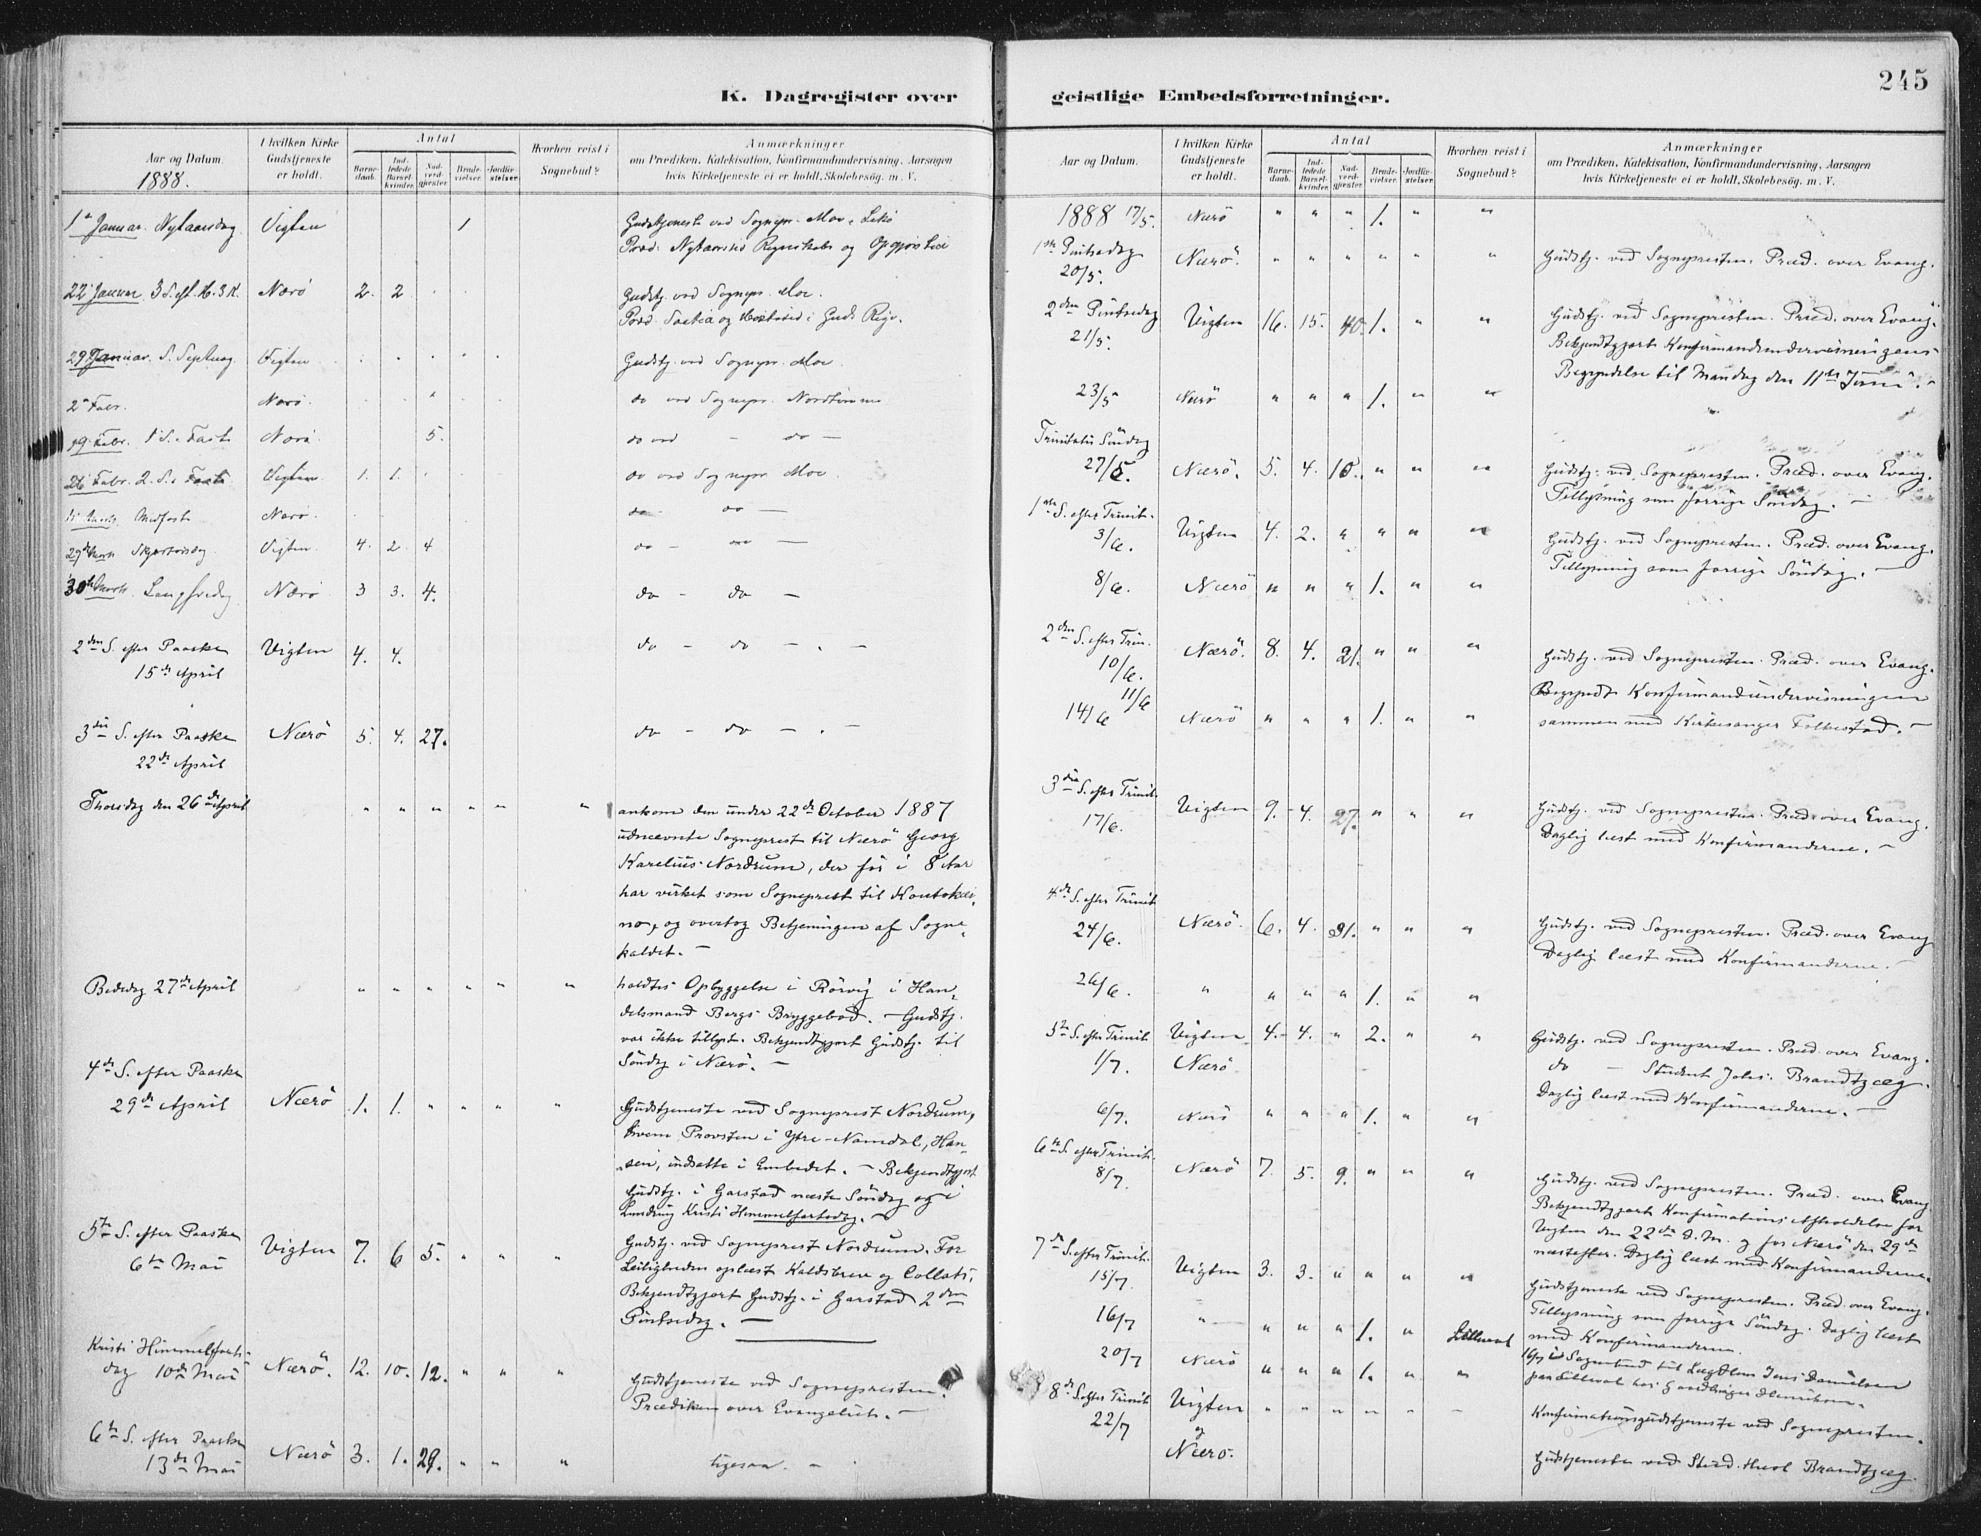 SAT, Ministerialprotokoller, klokkerbøker og fødselsregistre - Nord-Trøndelag, 784/L0673: Ministerialbok nr. 784A08, 1888-1899, s. 245